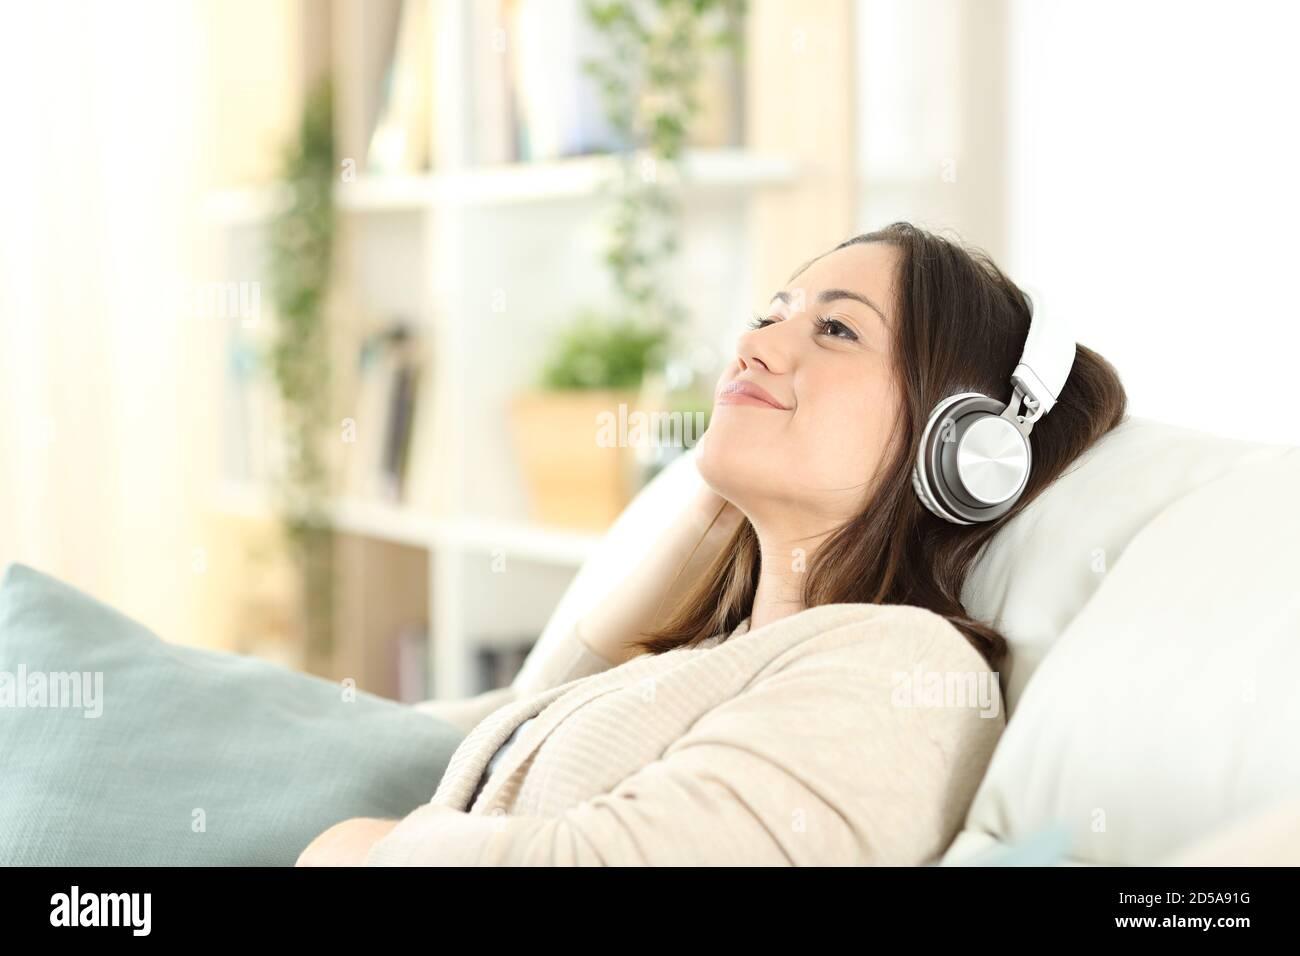 Une femme satisfaite se détendant sur un canapé pour écouter de la musique à la maison Banque D'Images